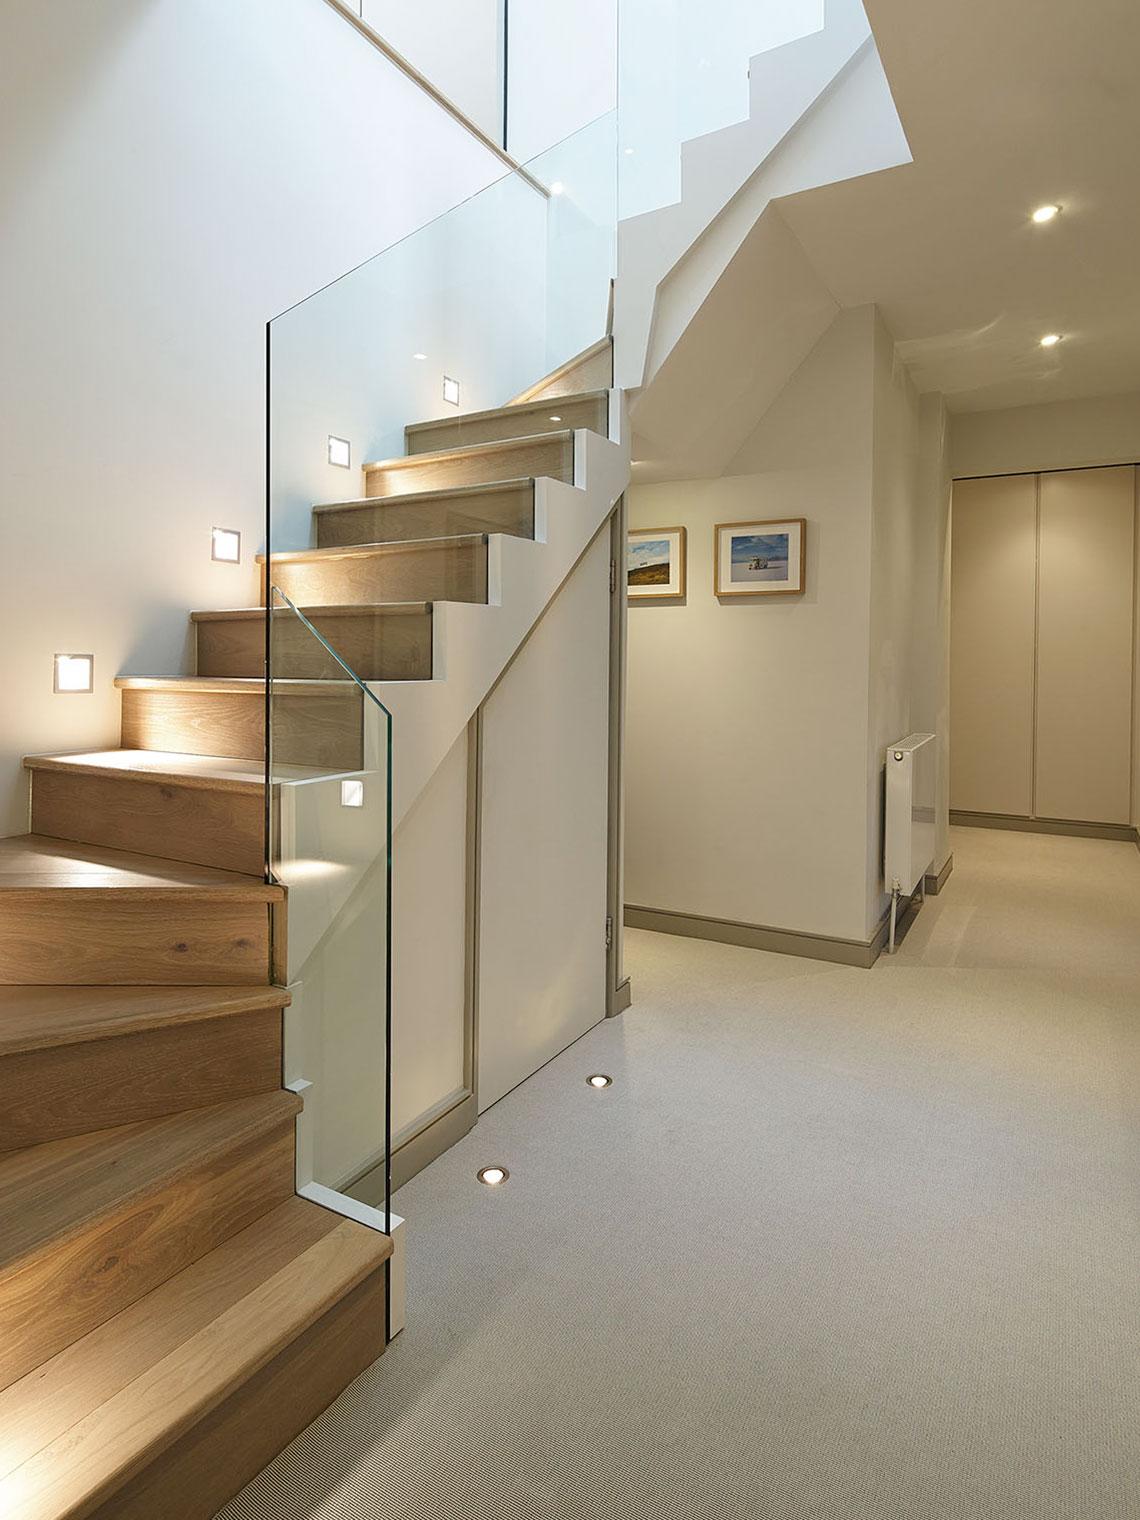 Steps to elegance